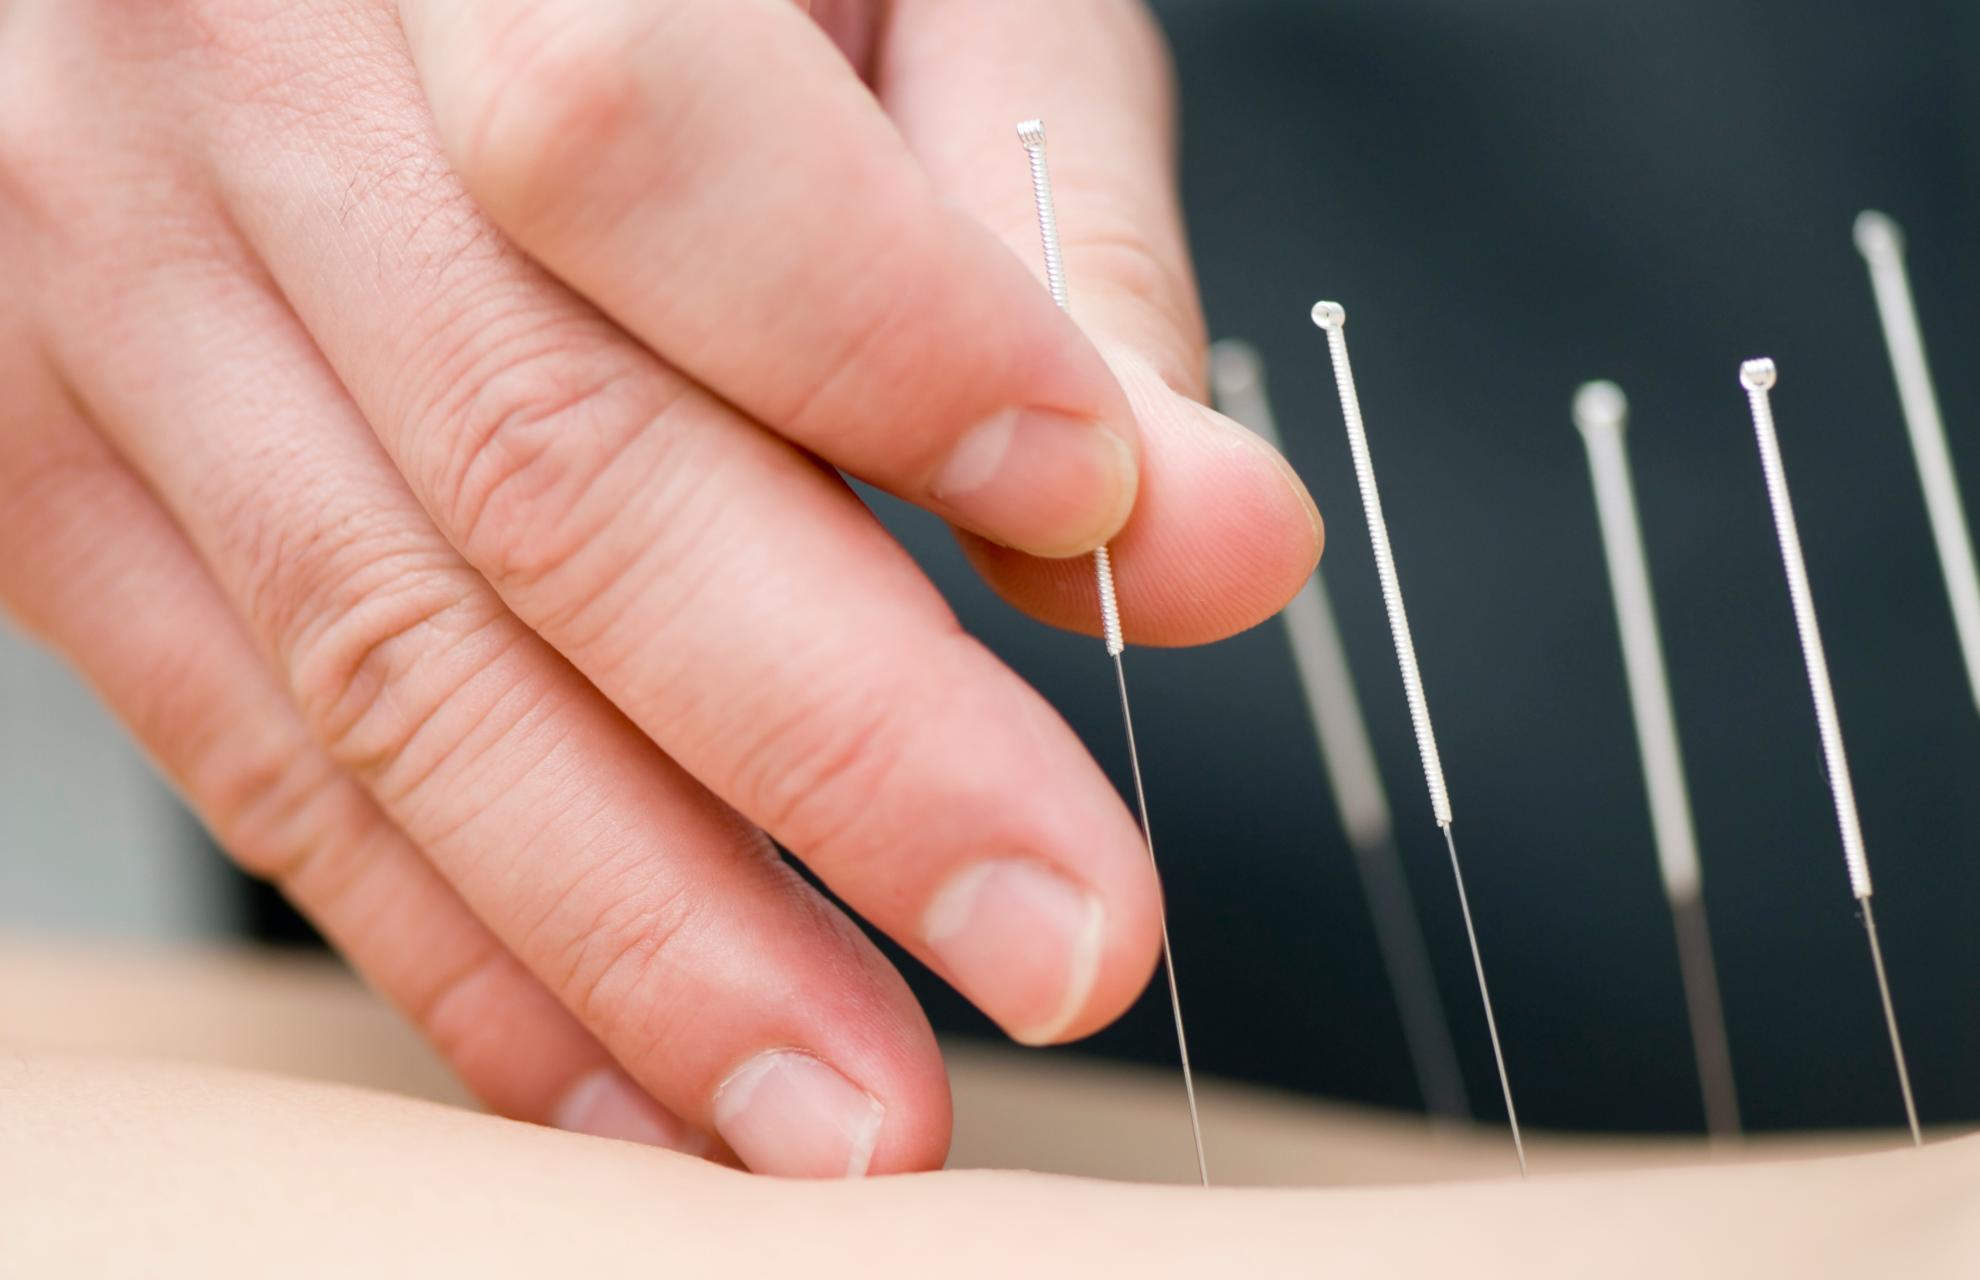 Иглоукалывание при болях в спине. Может ли иглоукалывание заменить операцию?